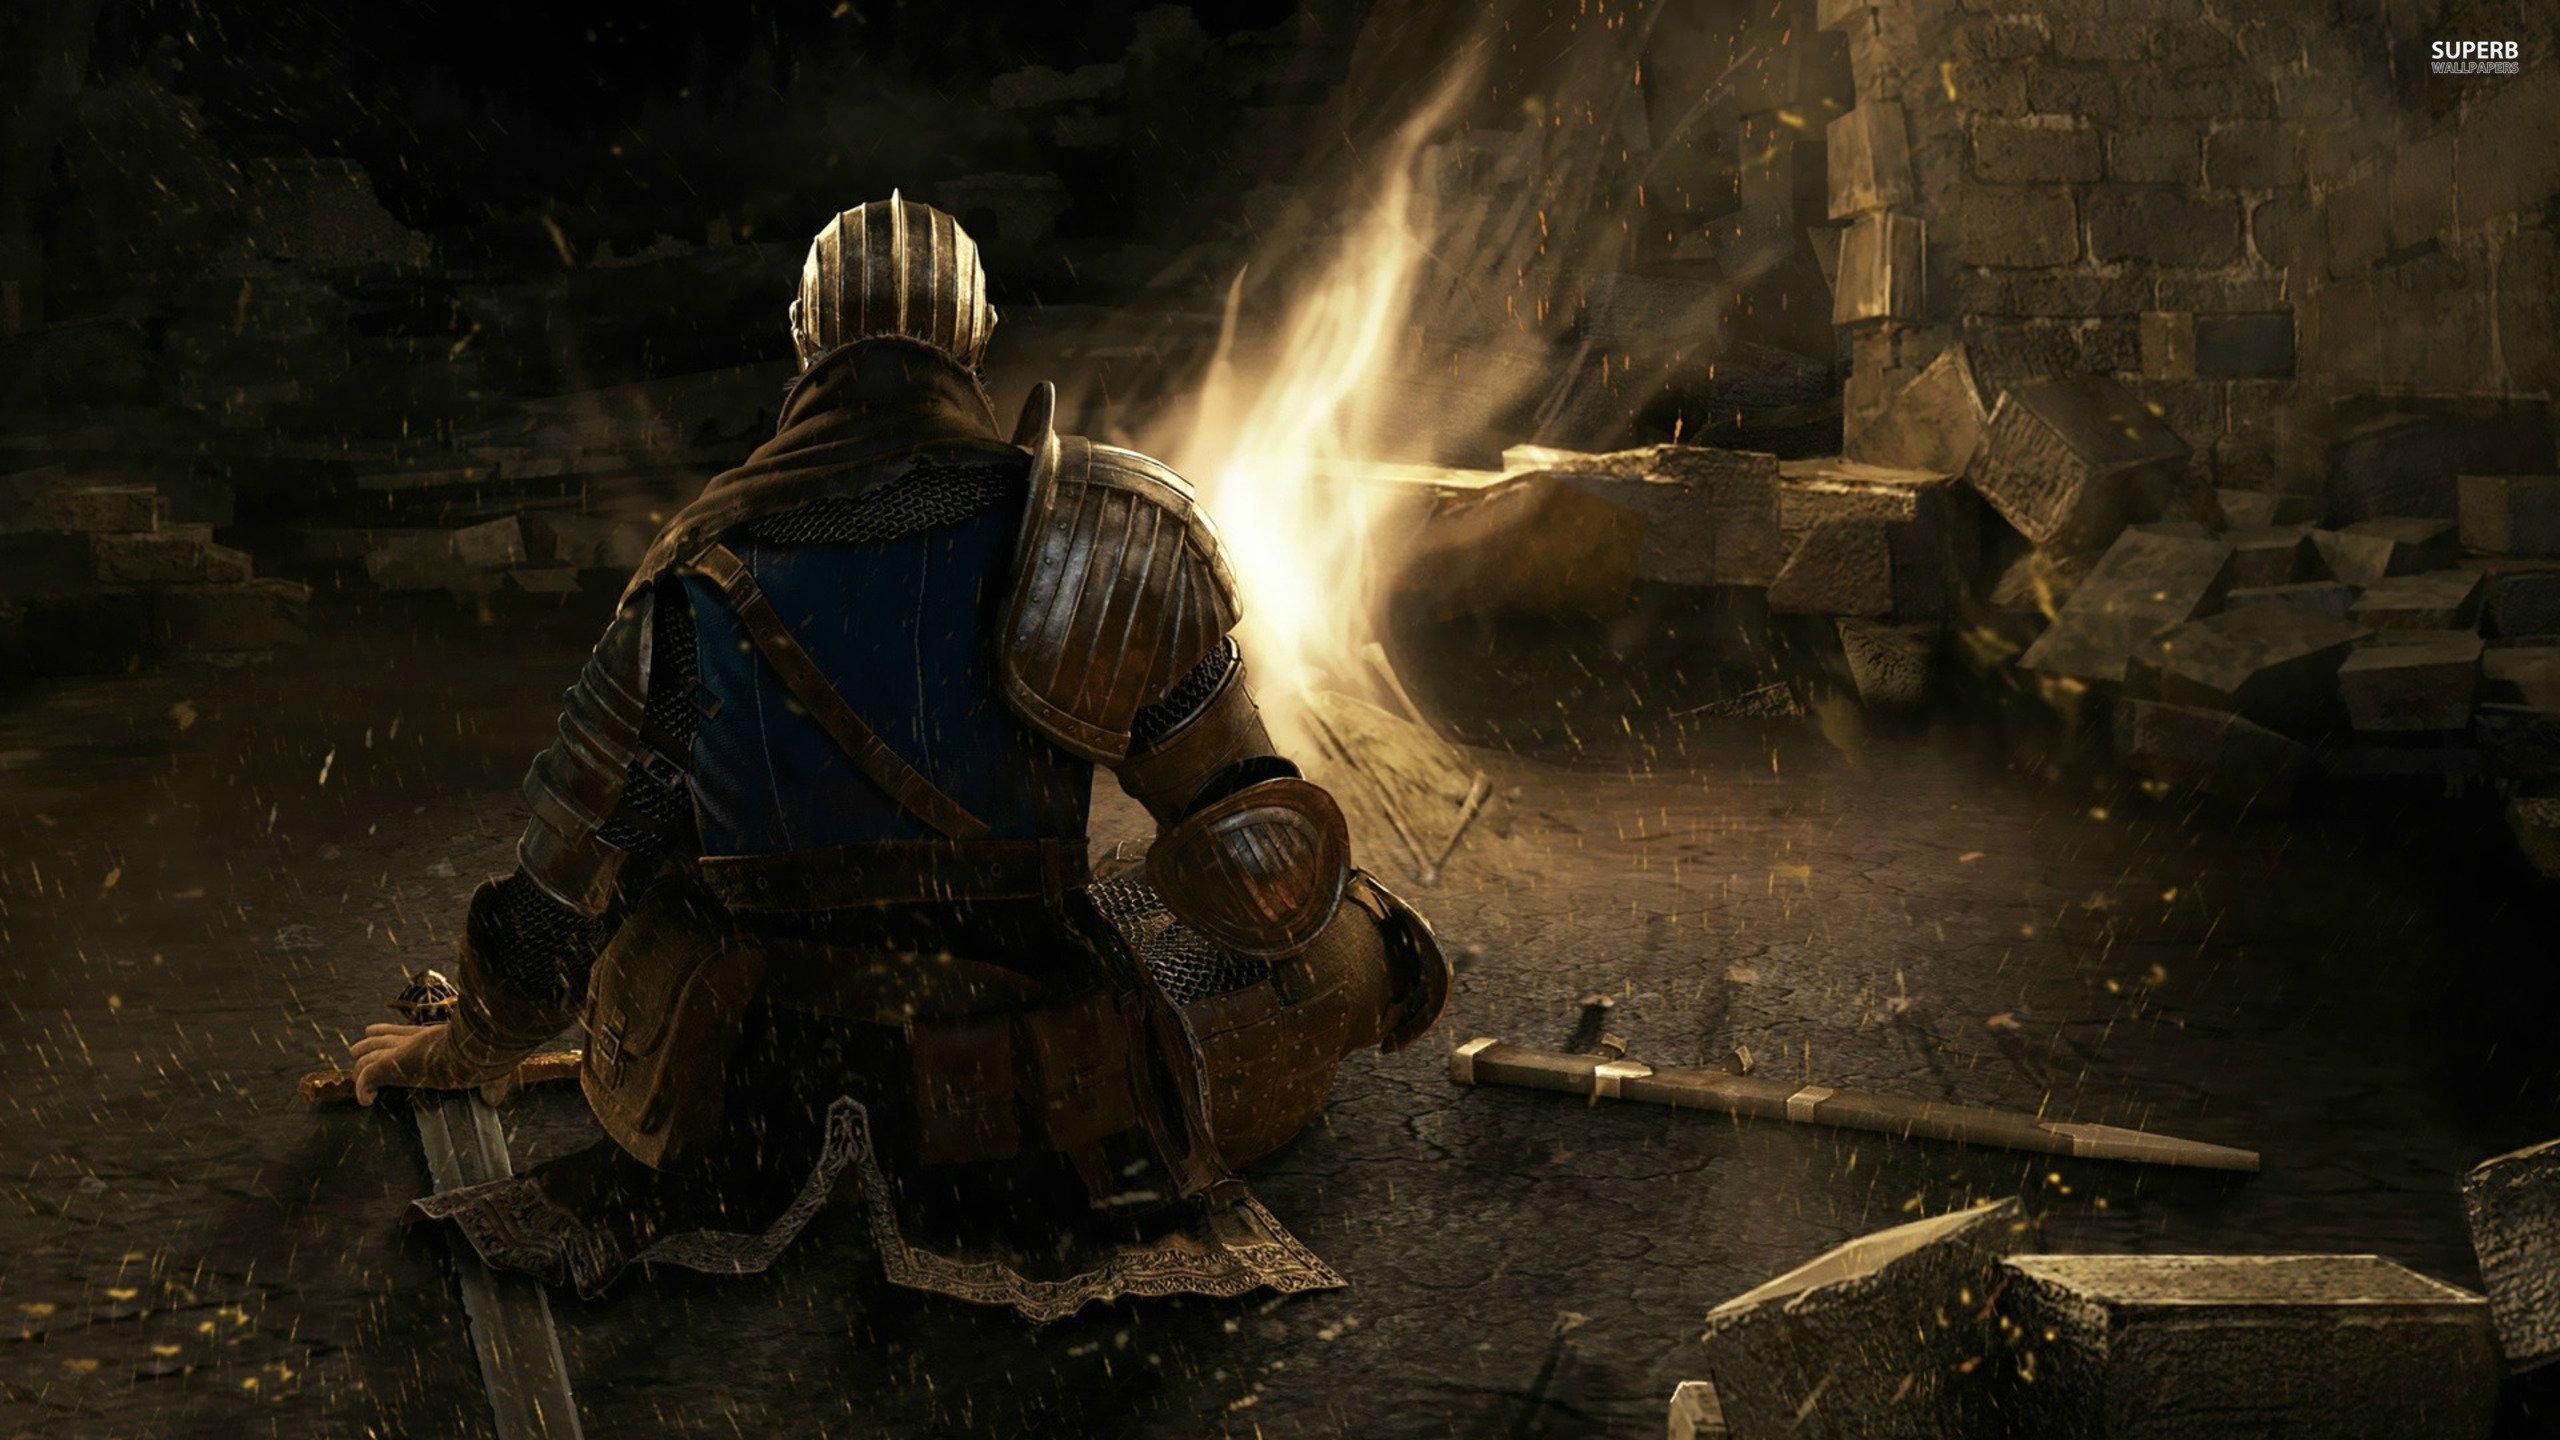 Dark Souls Wallpapers 2560x1440 Desktop Backgrounds